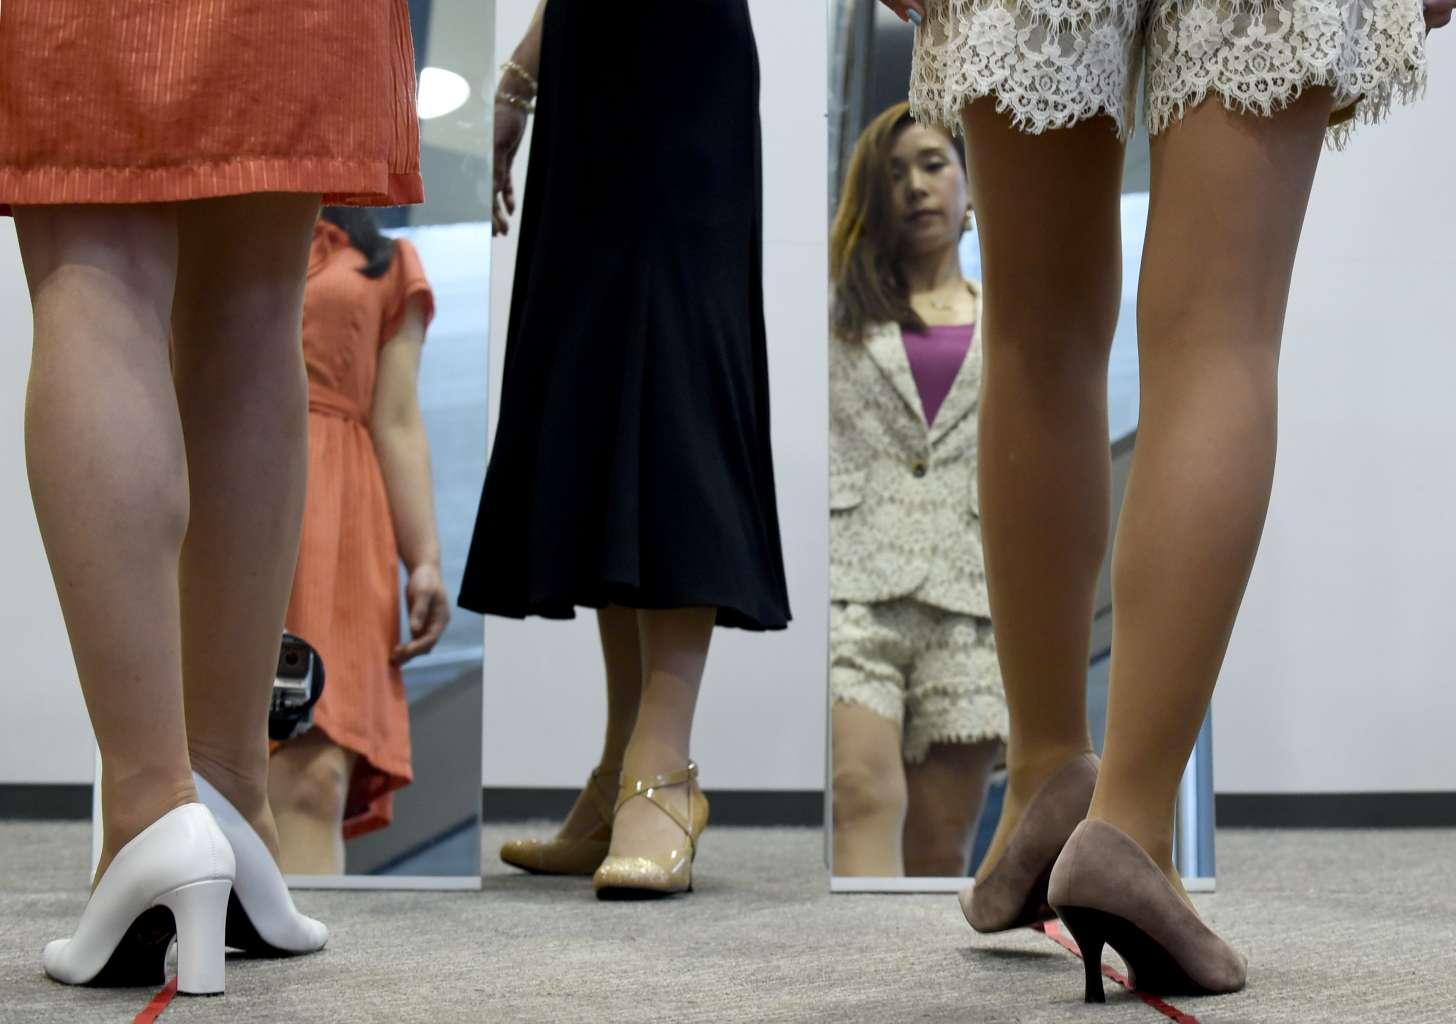 जापानी युवतीहरुले हाई हिल जुत्ता लगाउनुपर्ने नियम विरुद्ध 'ह्यासट्याग कूटू' अभियान थाले